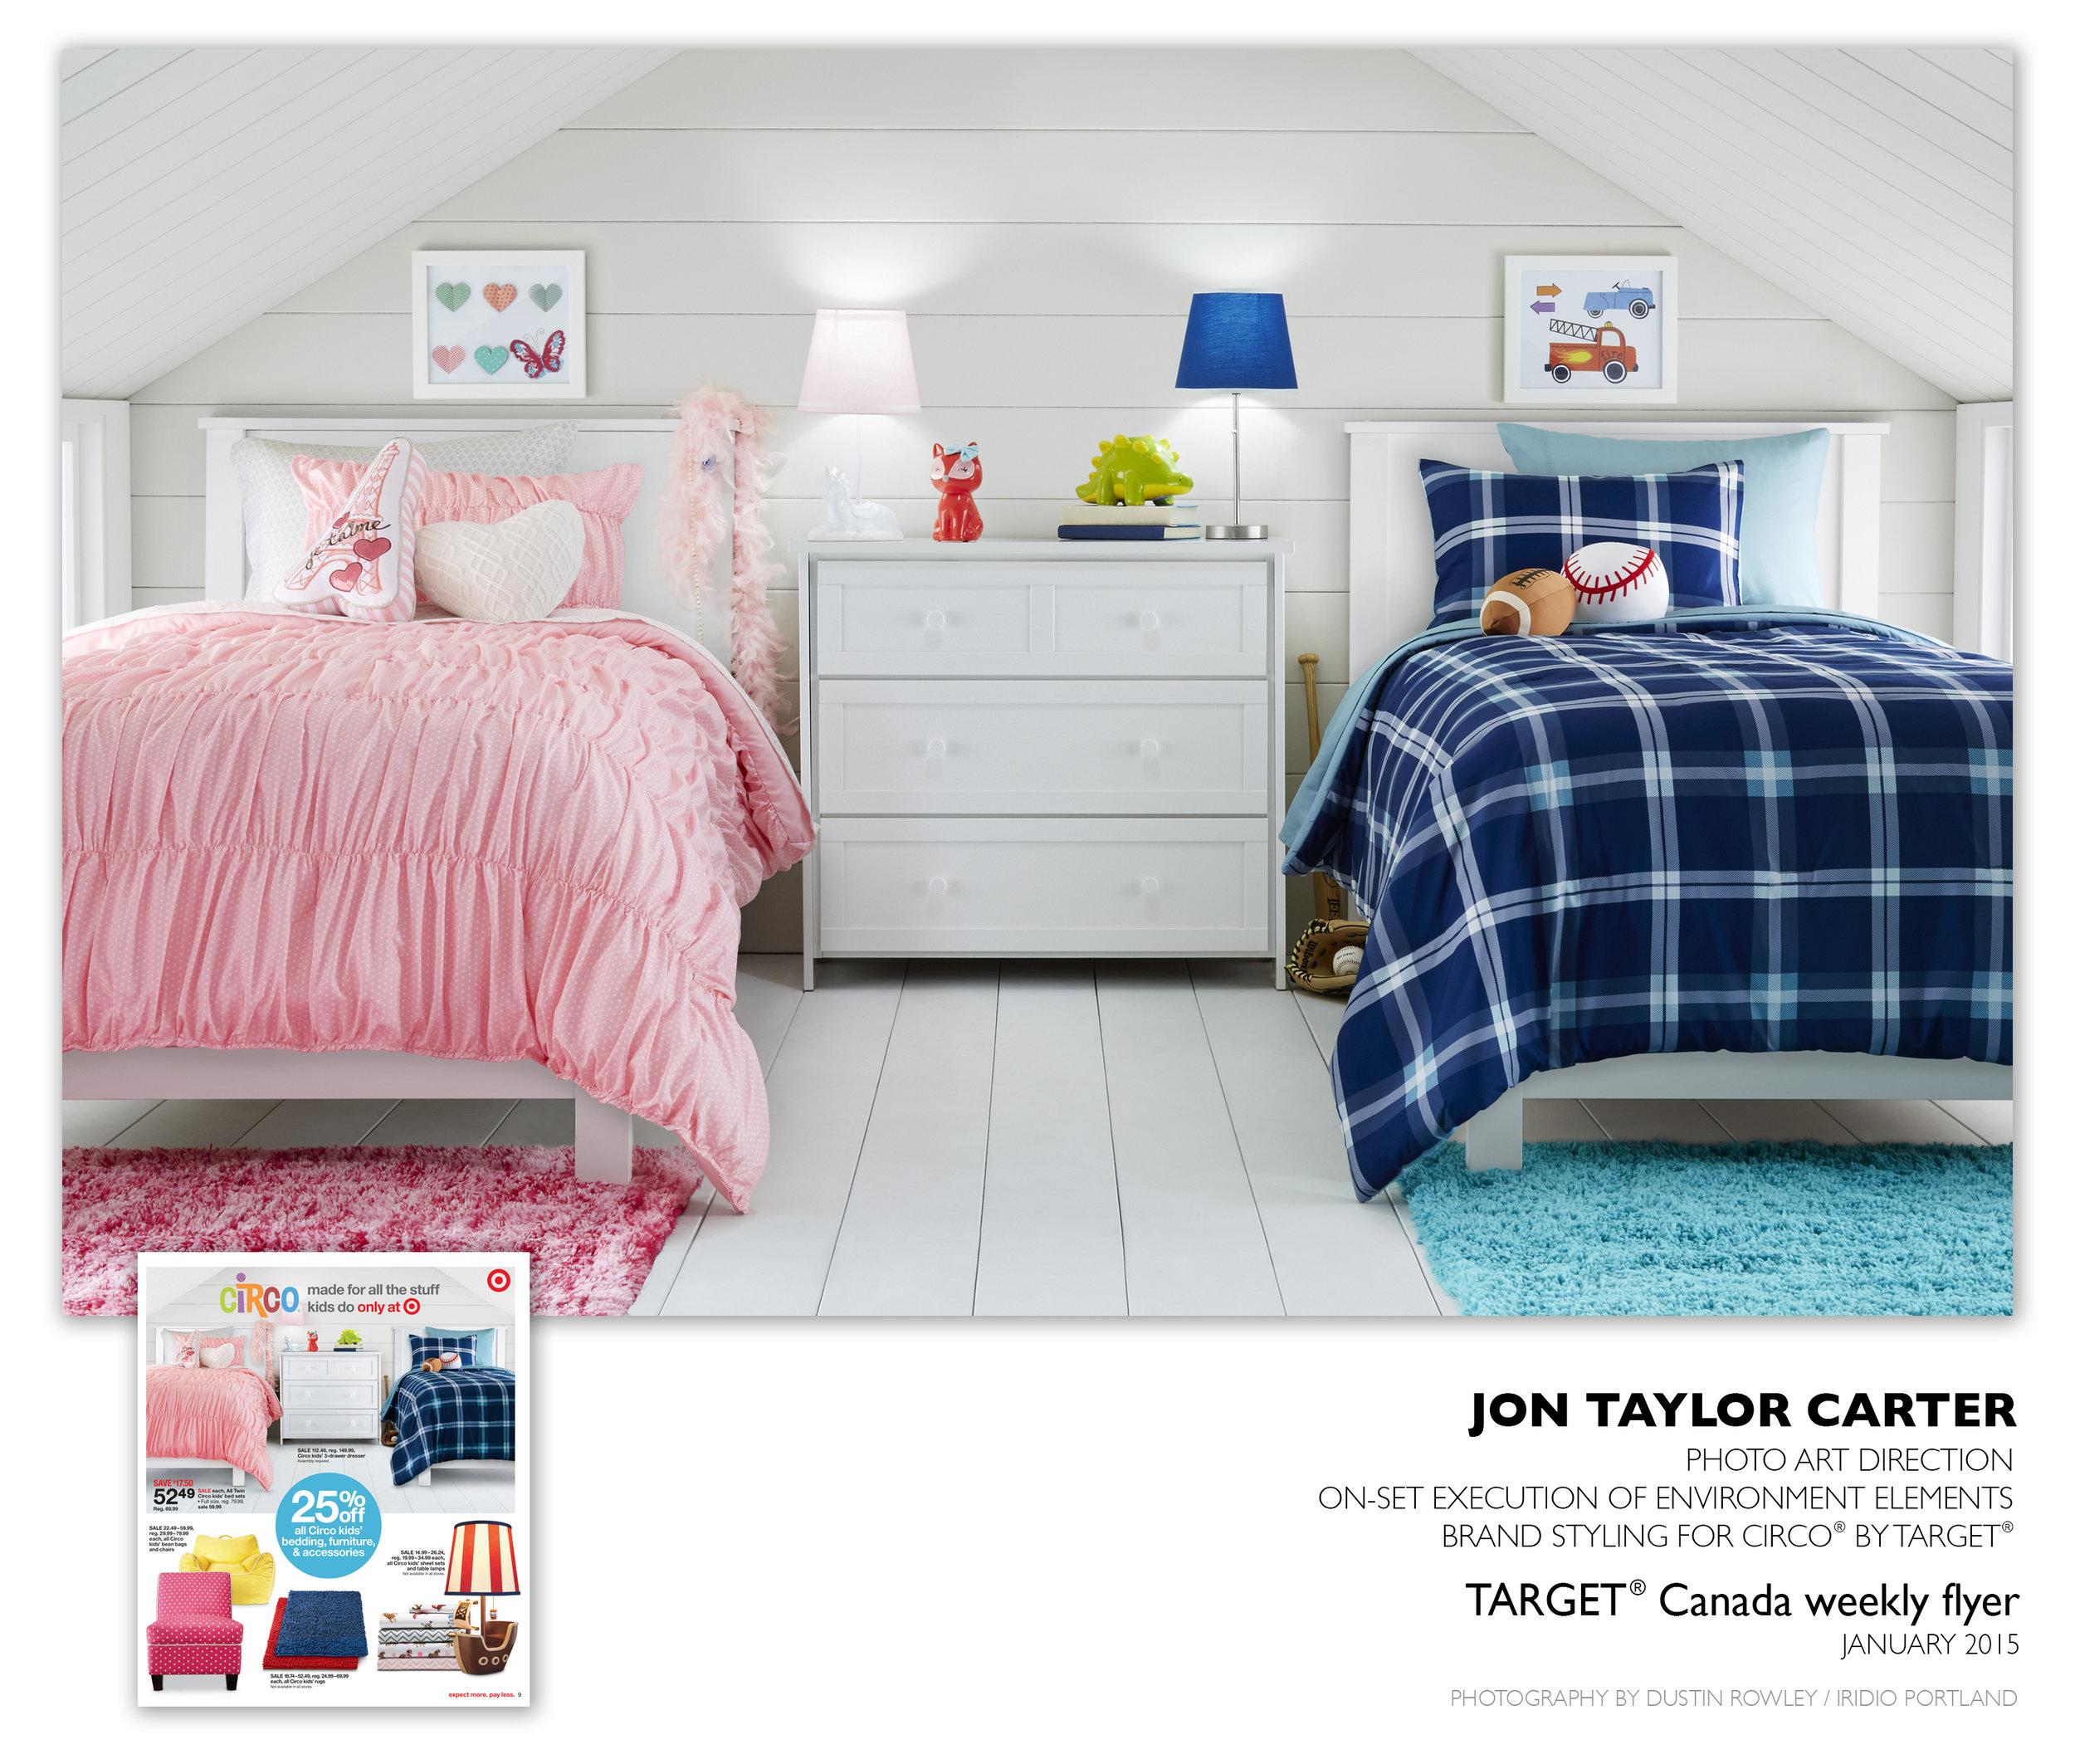 TARGET Canada \u2014 Jon Taylor Carter